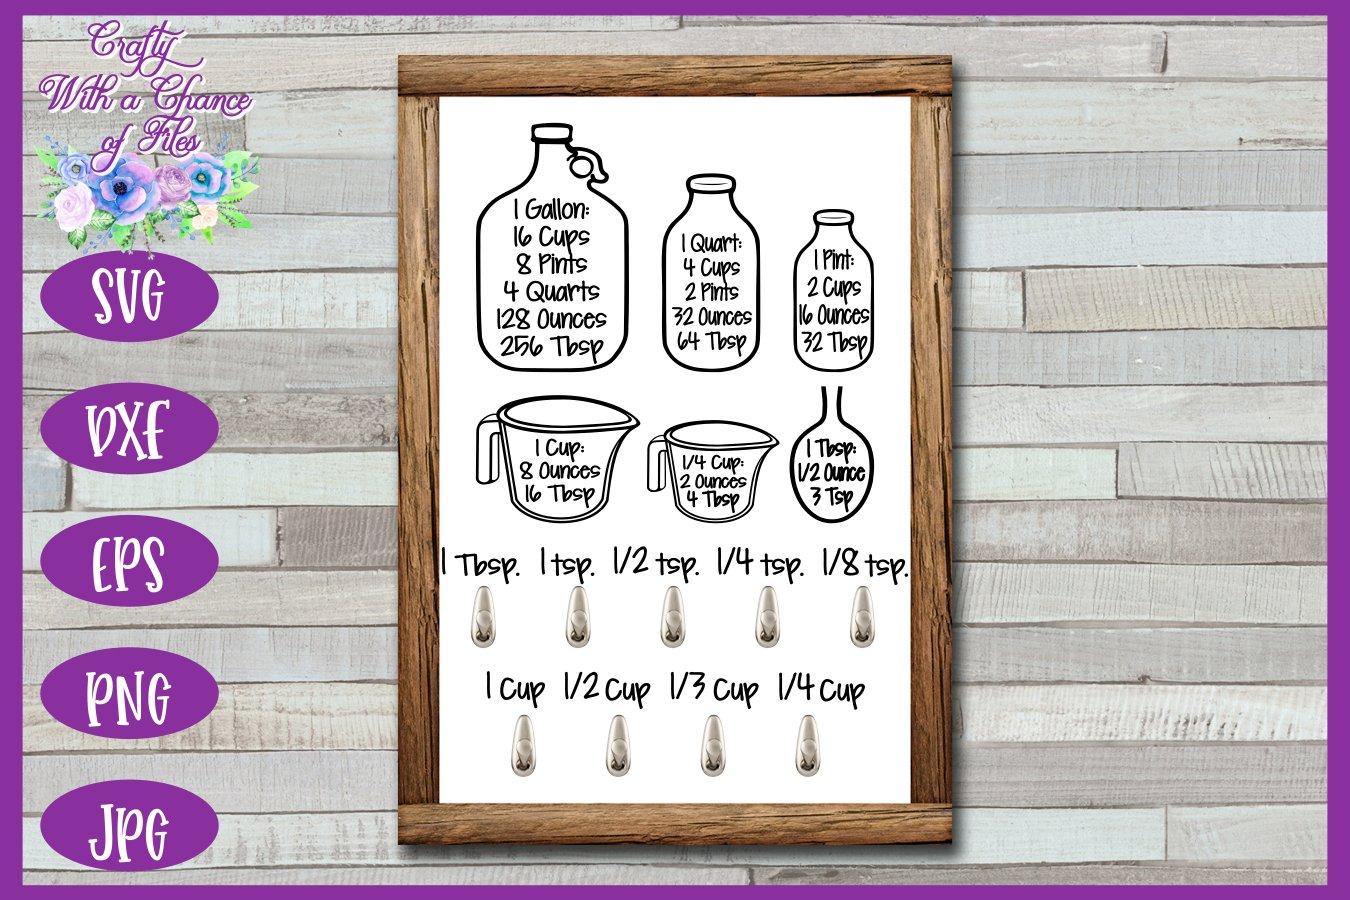 Download Kitchen SVG, Conversion Chart SVG, Baking Equivalents SVG ...